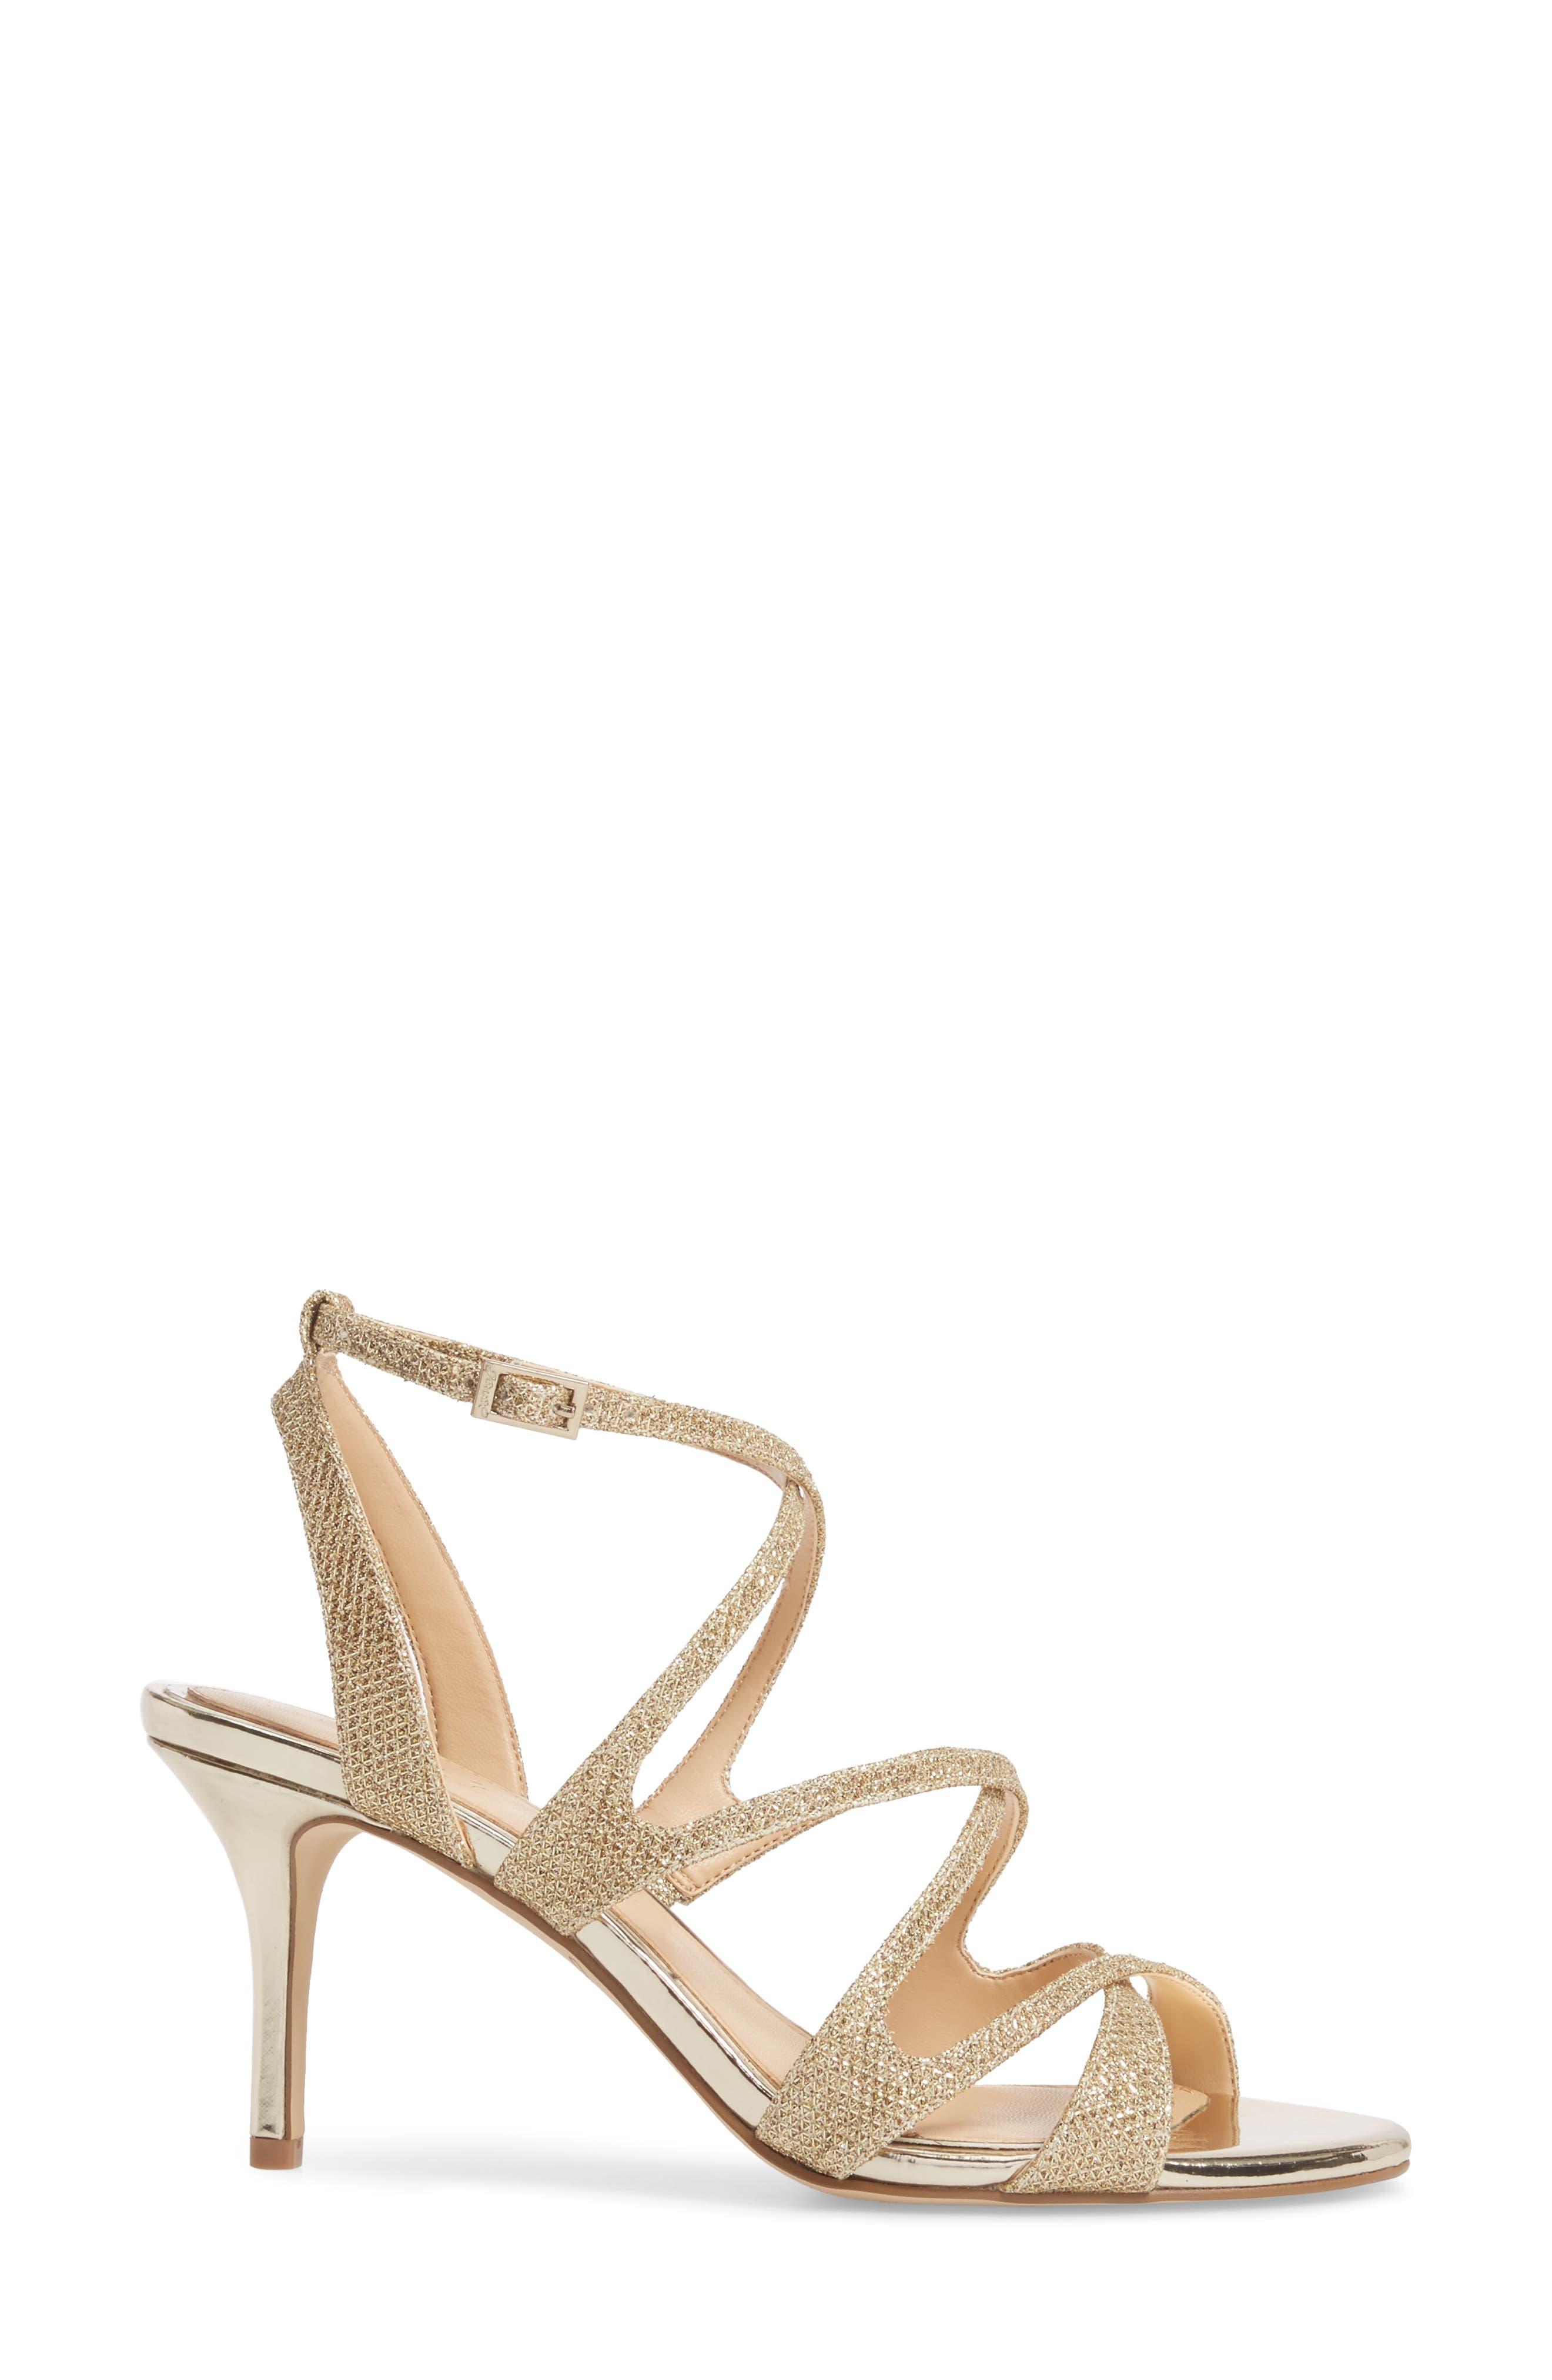 Tasha Glitter Sandal,                             Alternate thumbnail 3, color,                             Light Gold Glitter